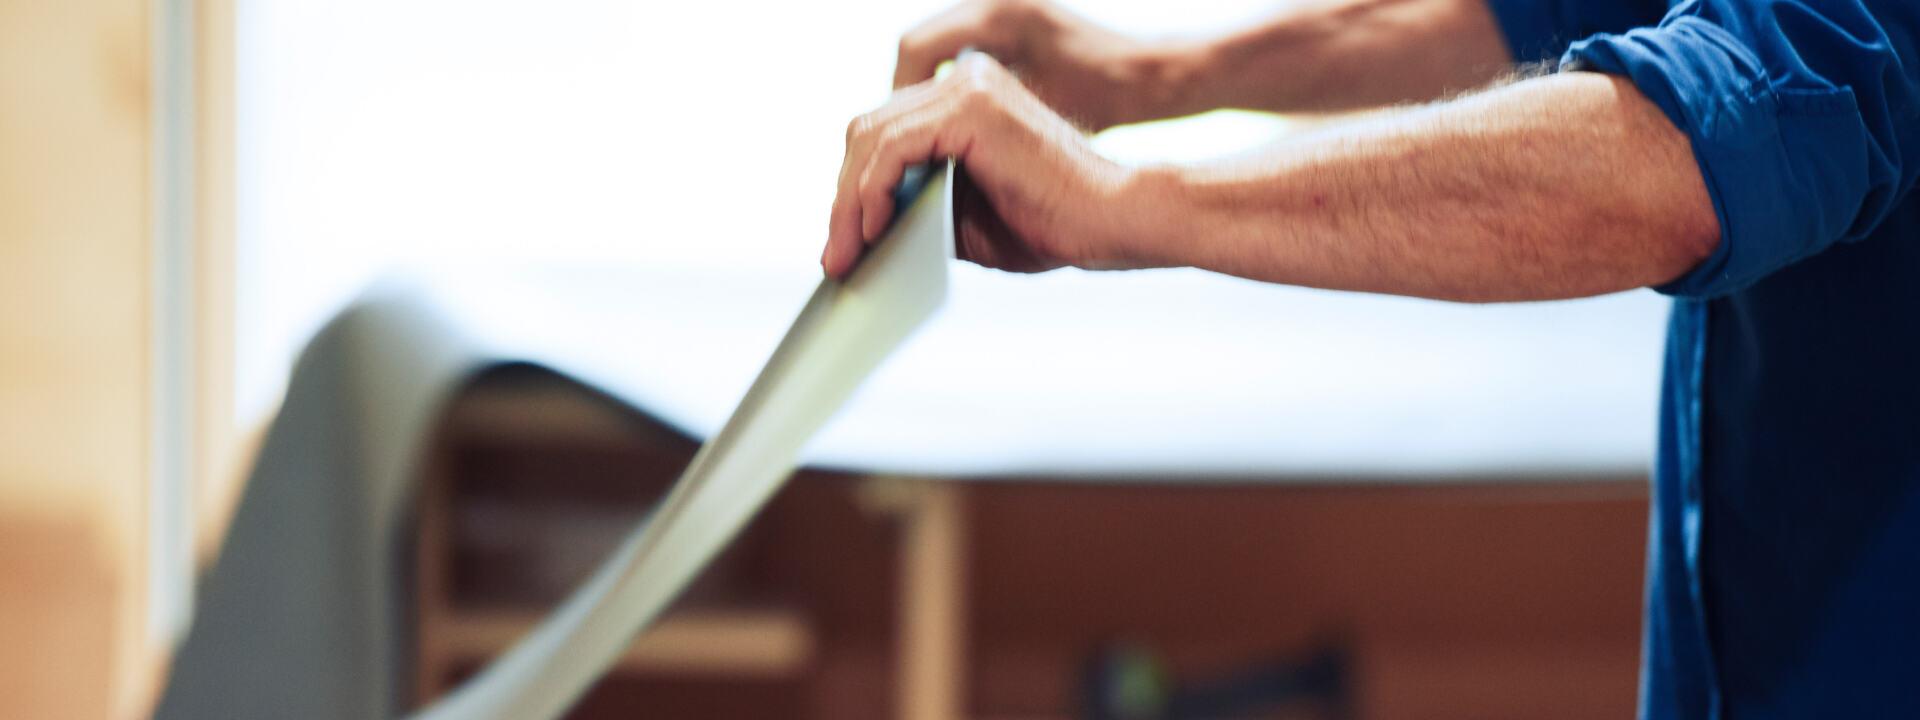 Produktion, Tischplatten, Tische, Tischgestelle, Regalsystem, Stühle & Hocker, Büro & Zuhause, Zubehör